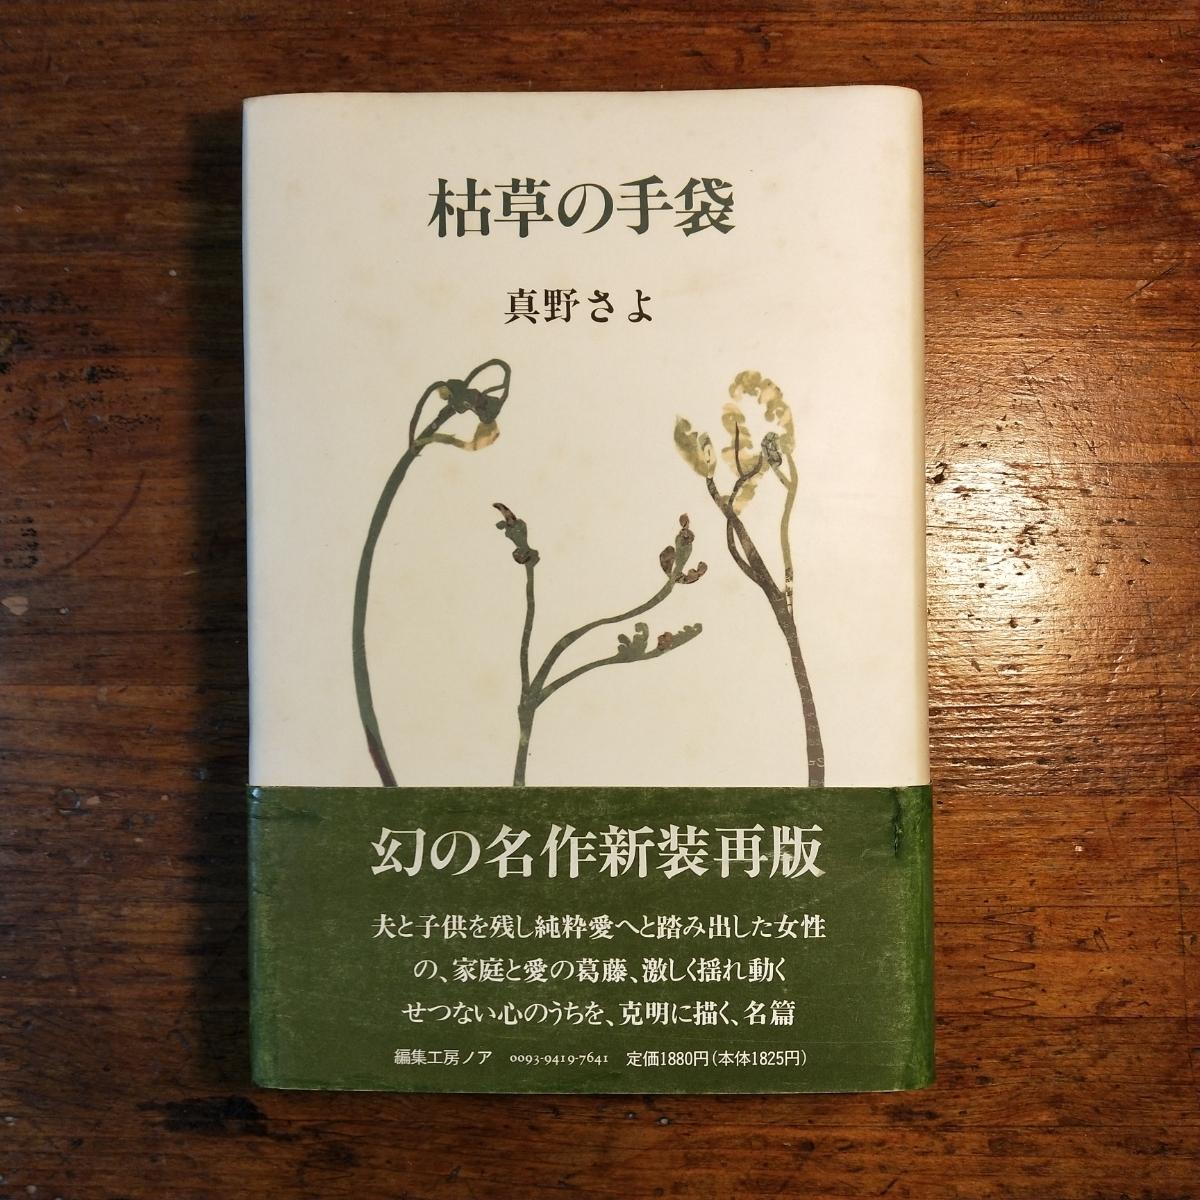 【送料無料】枯草の手袋 ~真野さよ(1994年 編集工房ノア 詩歌 現代詩 女性問題 古典 婦人公論)